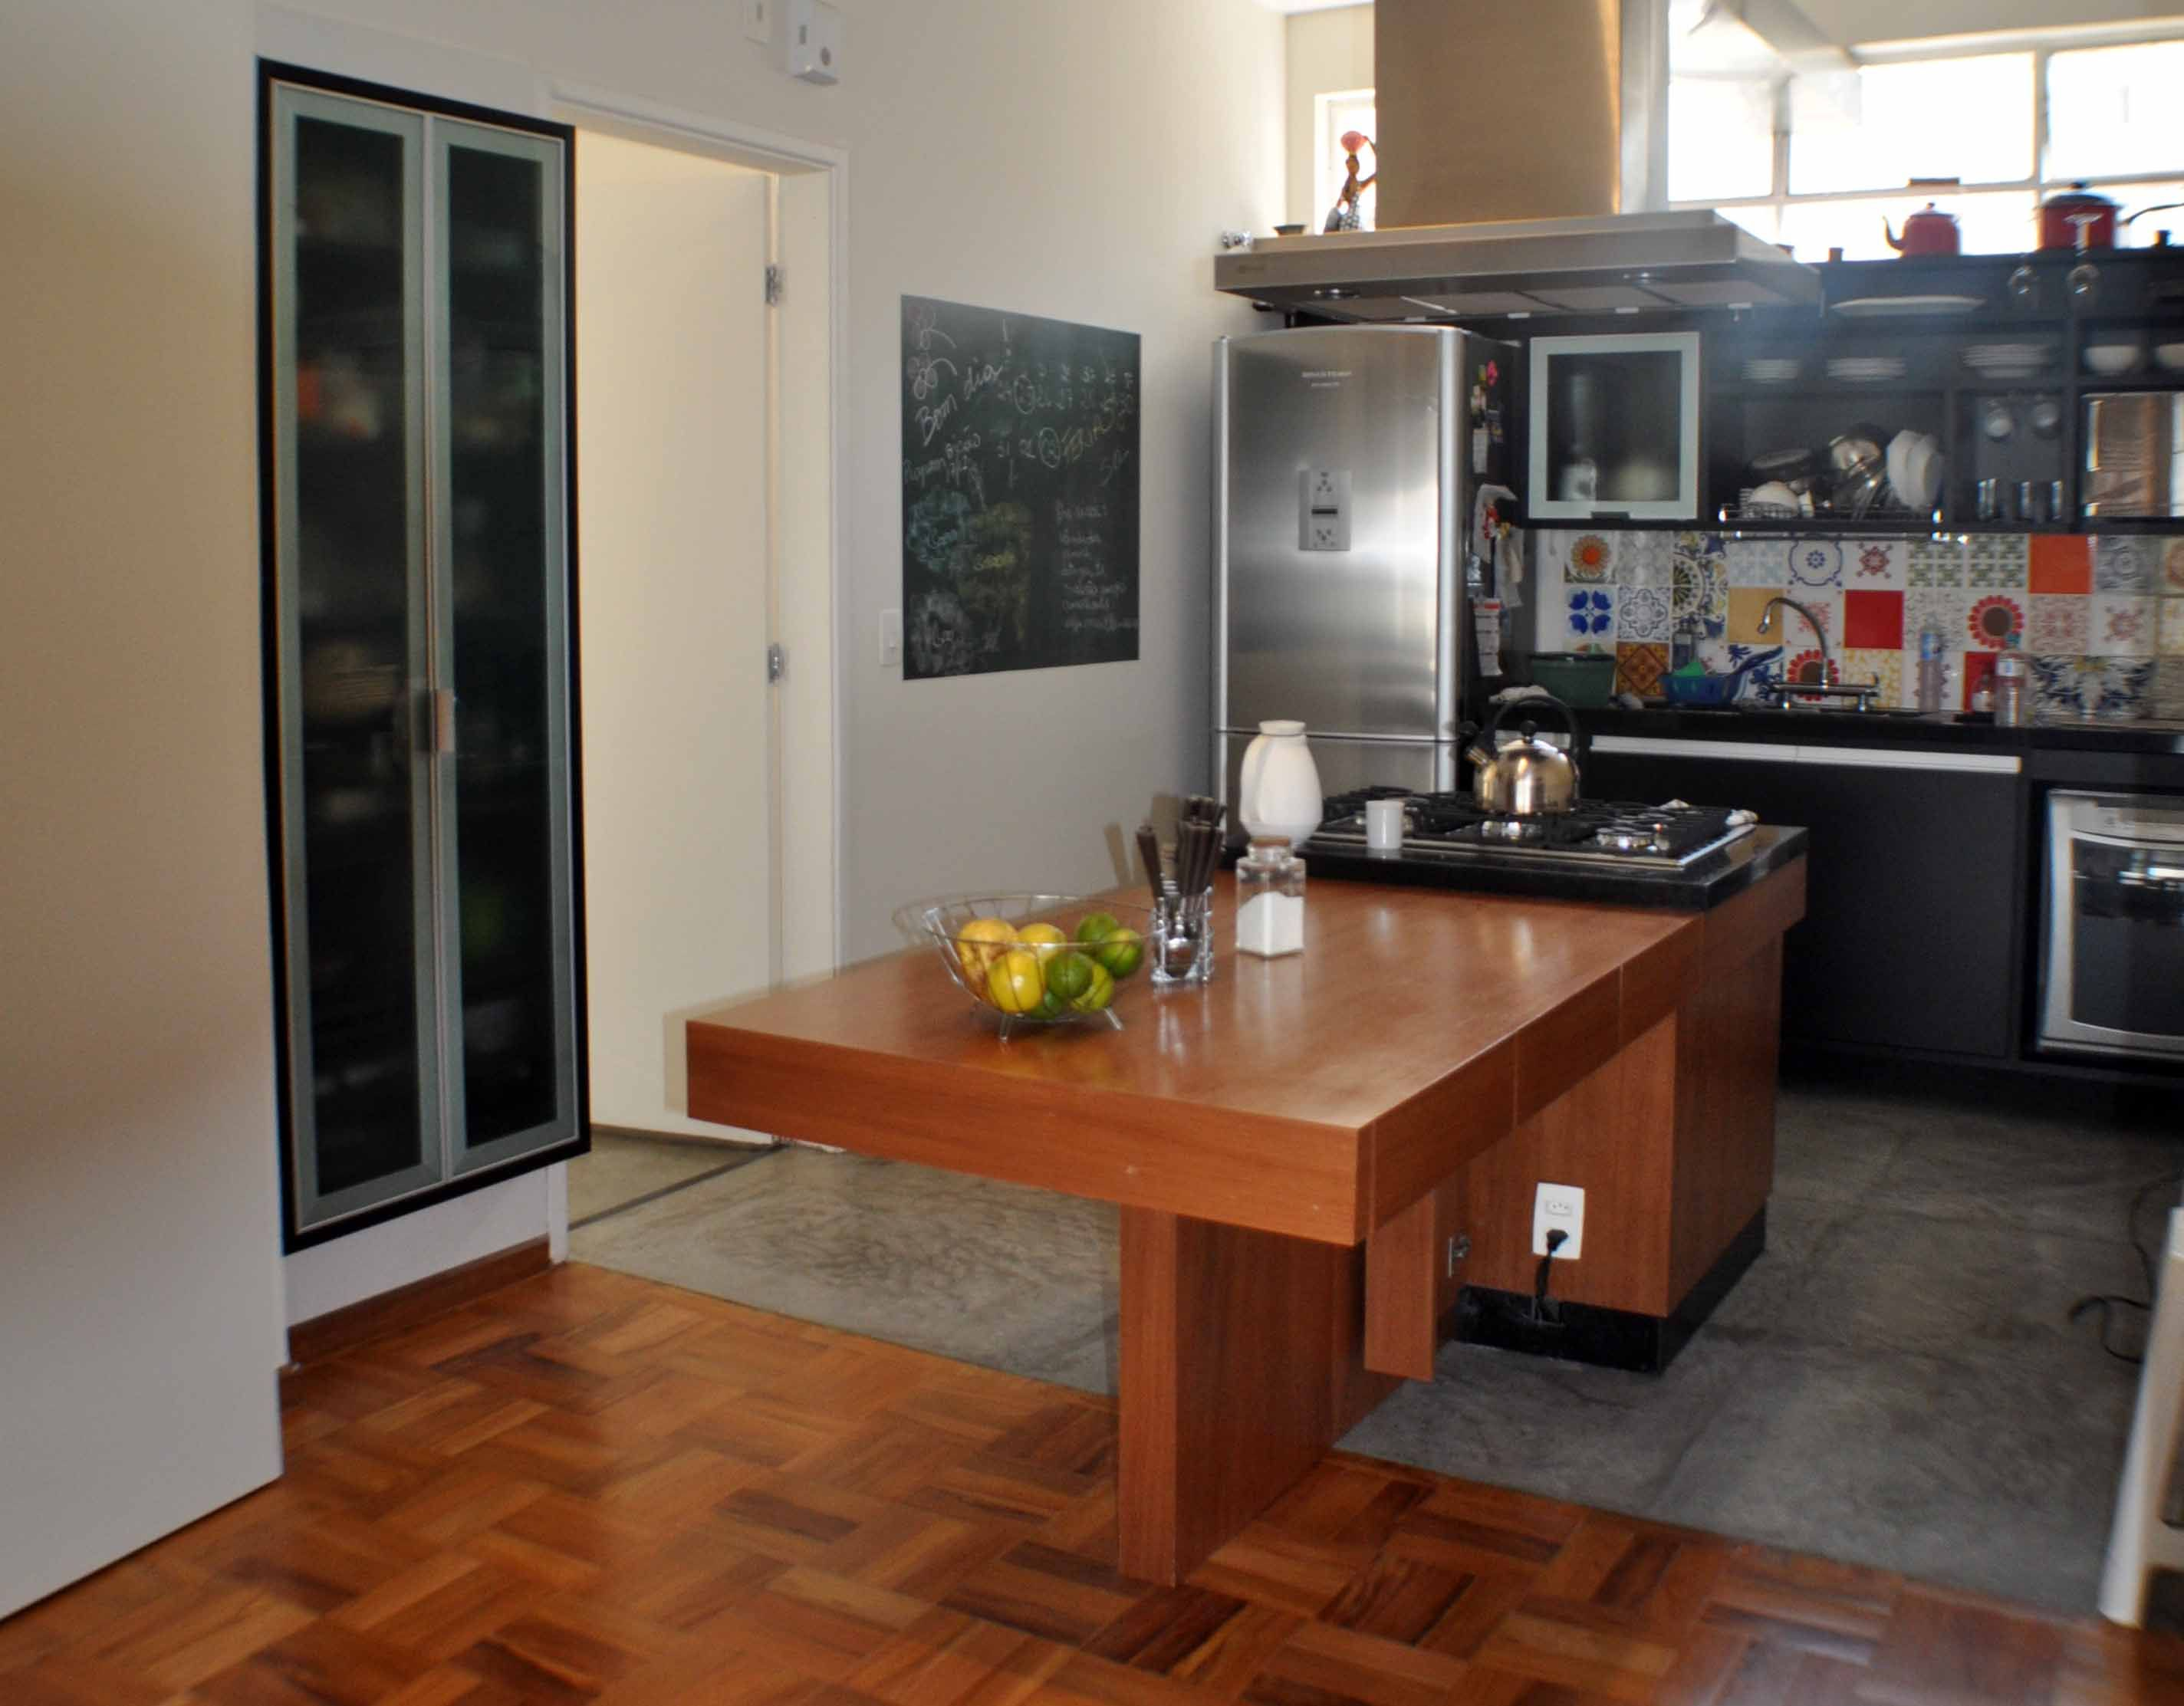 Cozinha Com Arm Rios Em Mdf Preto E Ilha Em Mdf Revestido Em